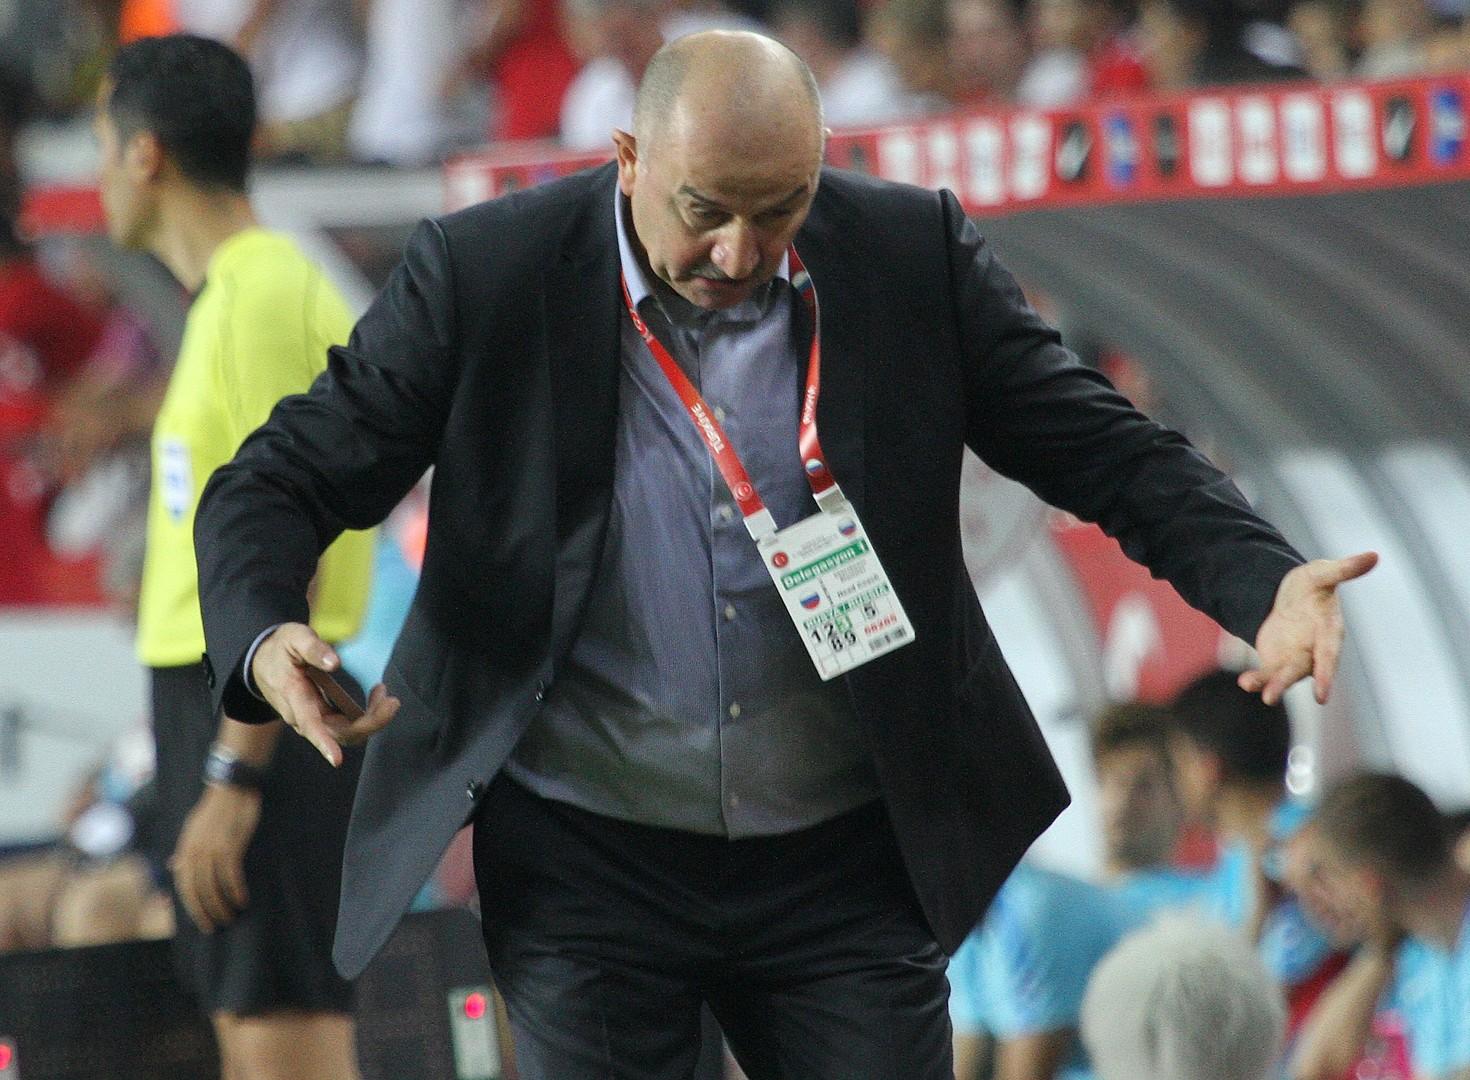 In Antalya absolvierte die russische Fußballnationalmannschaft ihr erstes Spiel unter der Leitung von Stanislaw Tschertschessow.